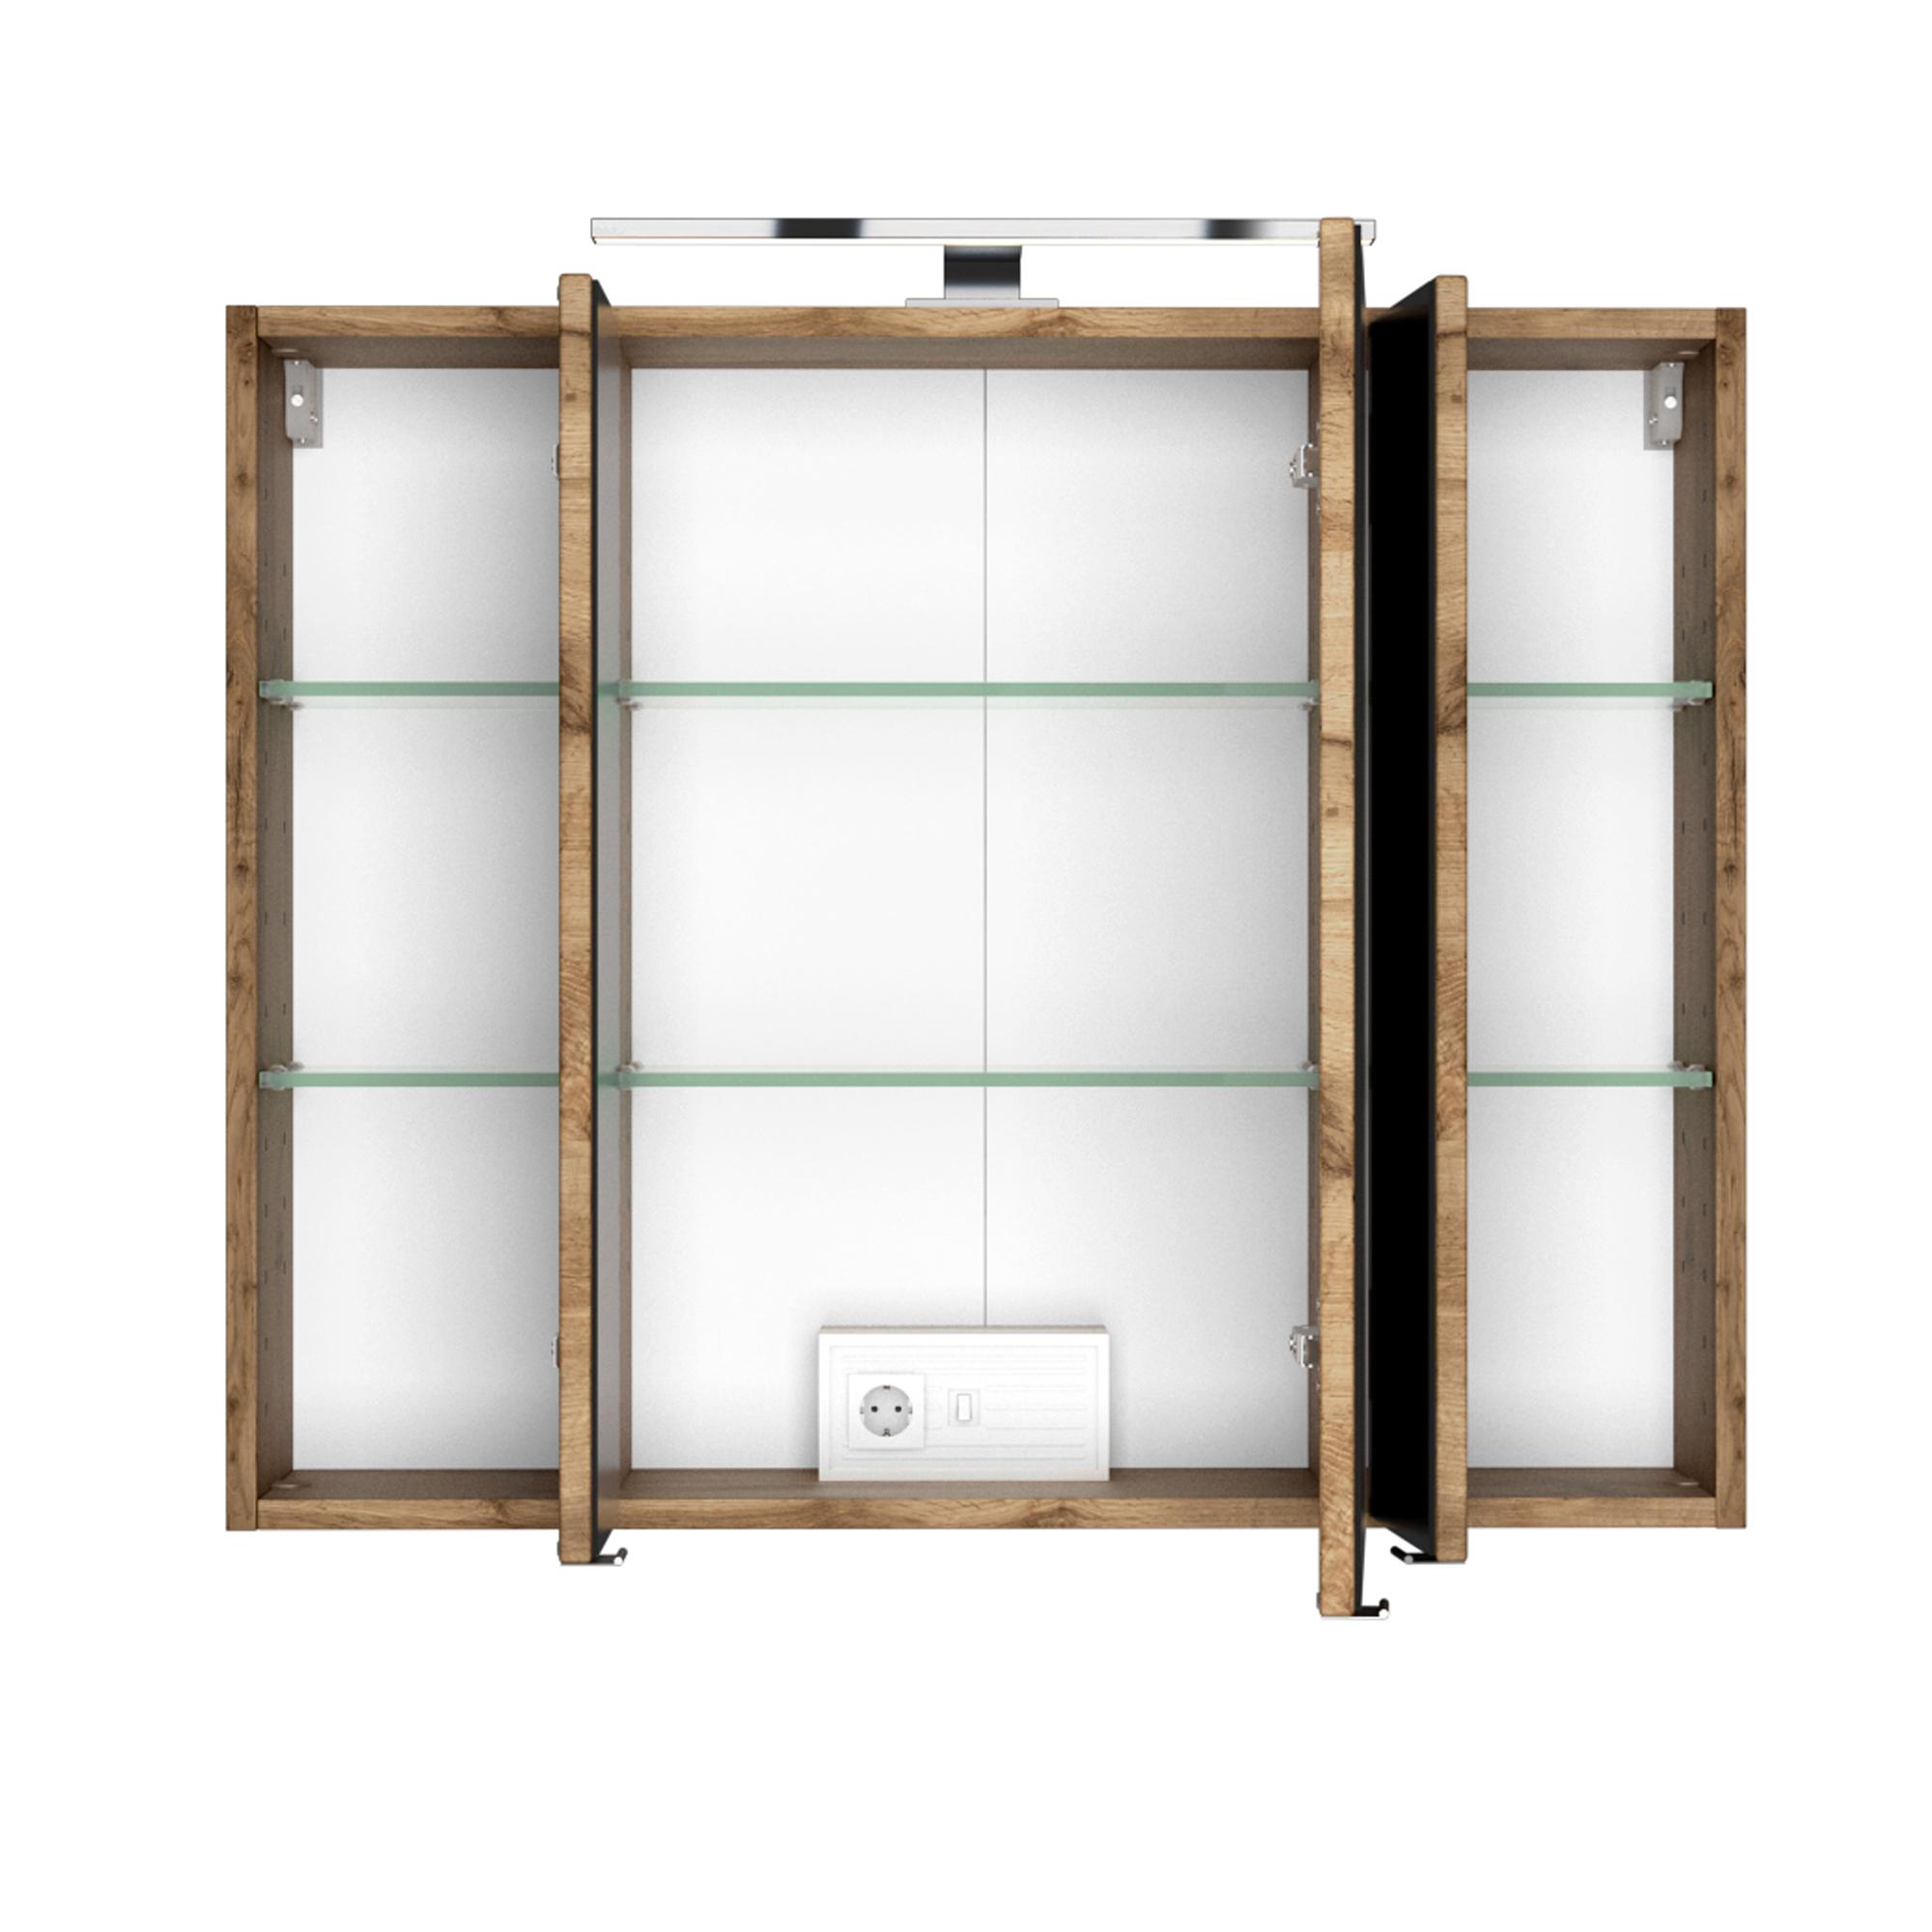 Bad-Spiegelschrank - 17-türig, mit Beleuchtung - 17 cm breit - Wotan Eiche